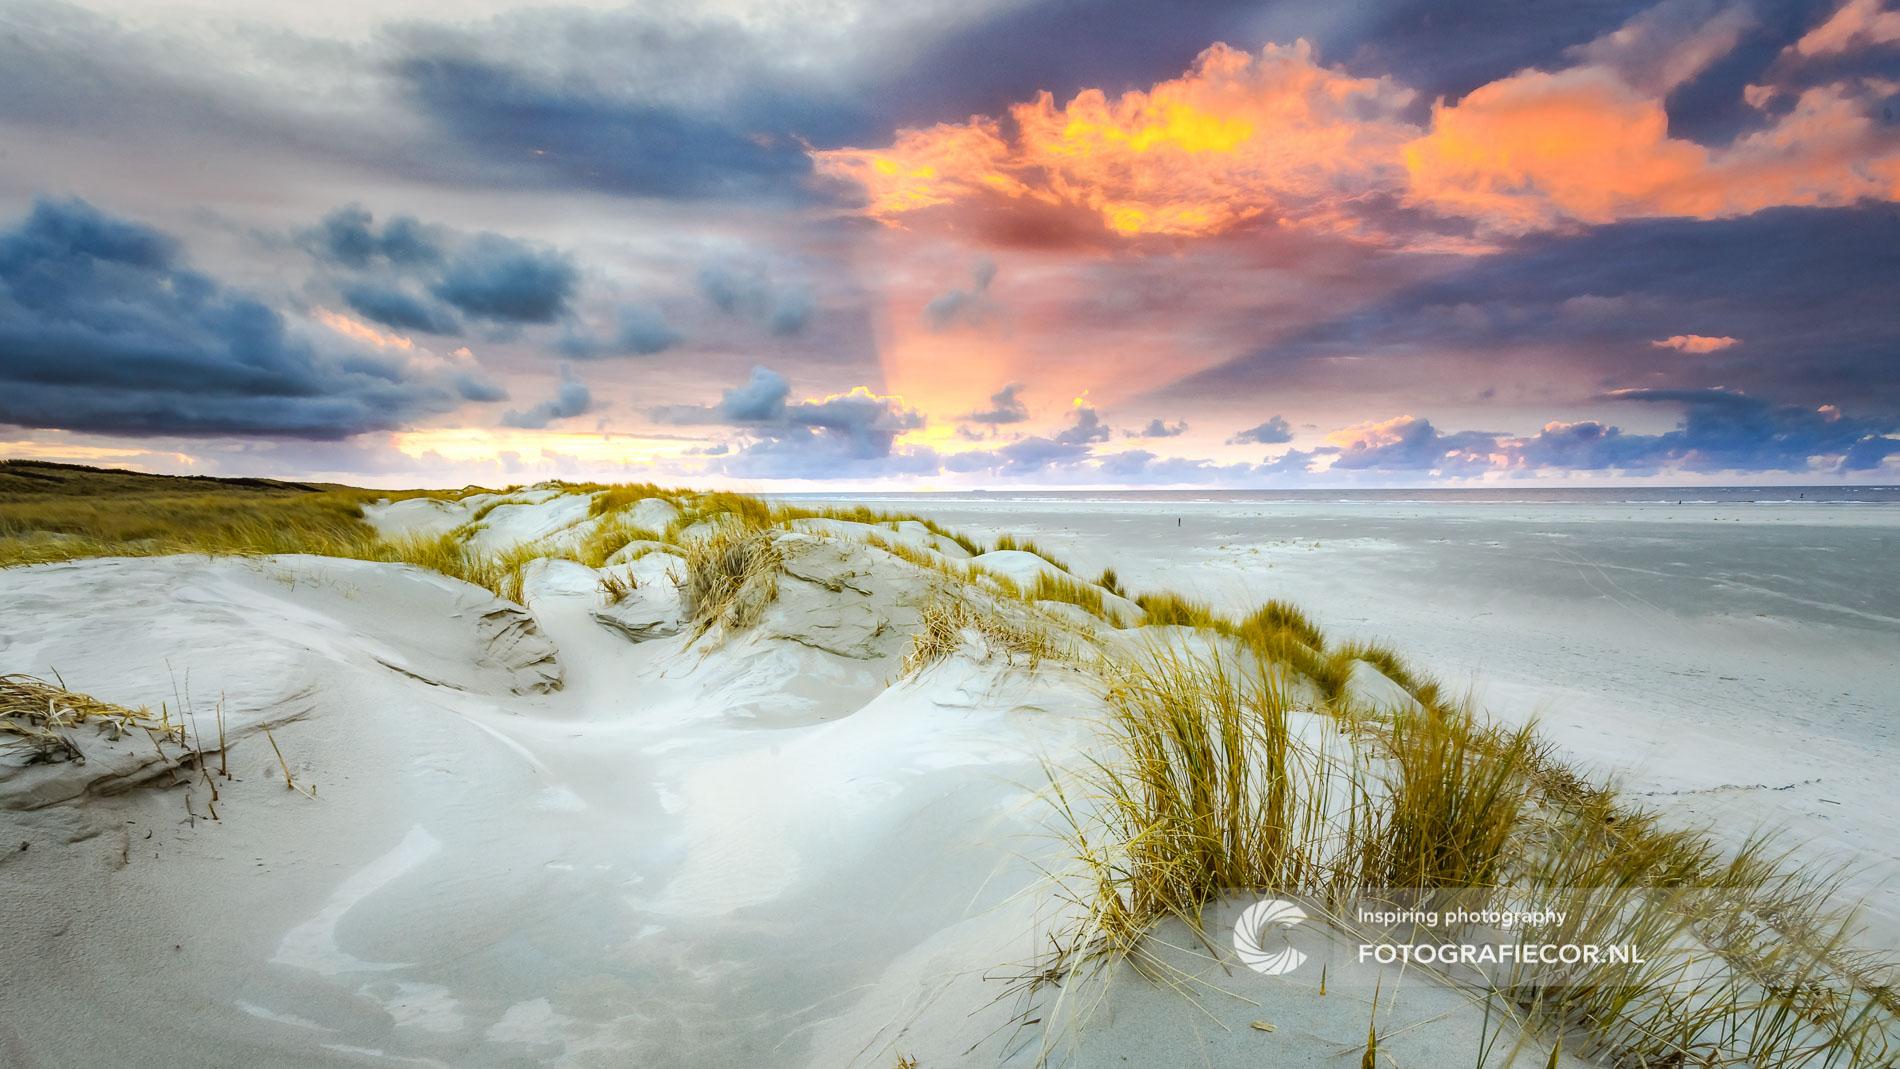 kust | Noordzee| Cocksdorp | landschapen| zonsondergang | landschapsfotograaf | avondrood